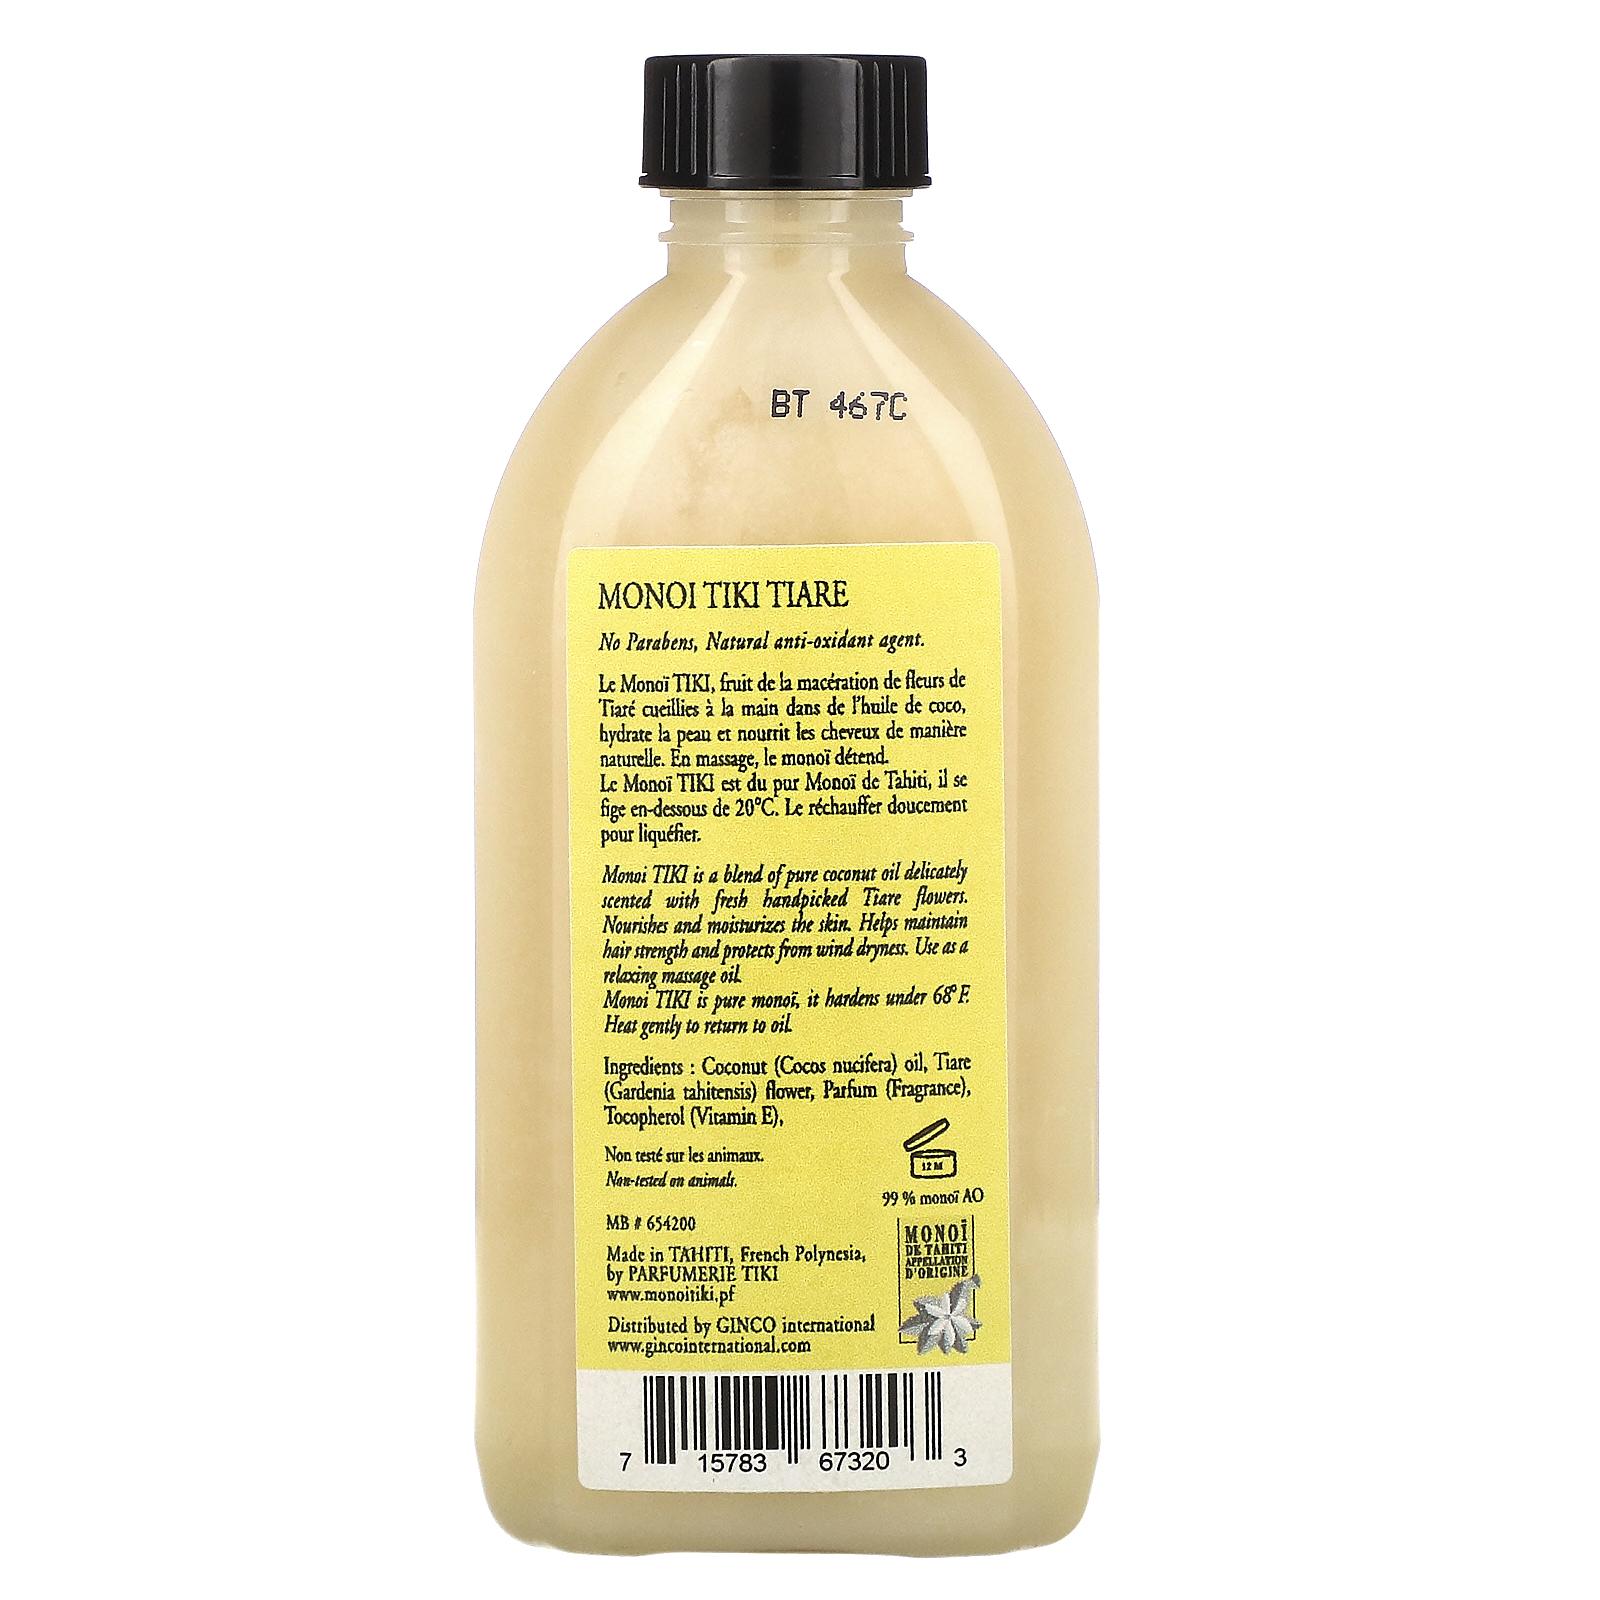 Monoi Tiare Tahiti, Coconut Oil, Tiare Gardenia, 8 fl oz 8 ml ...